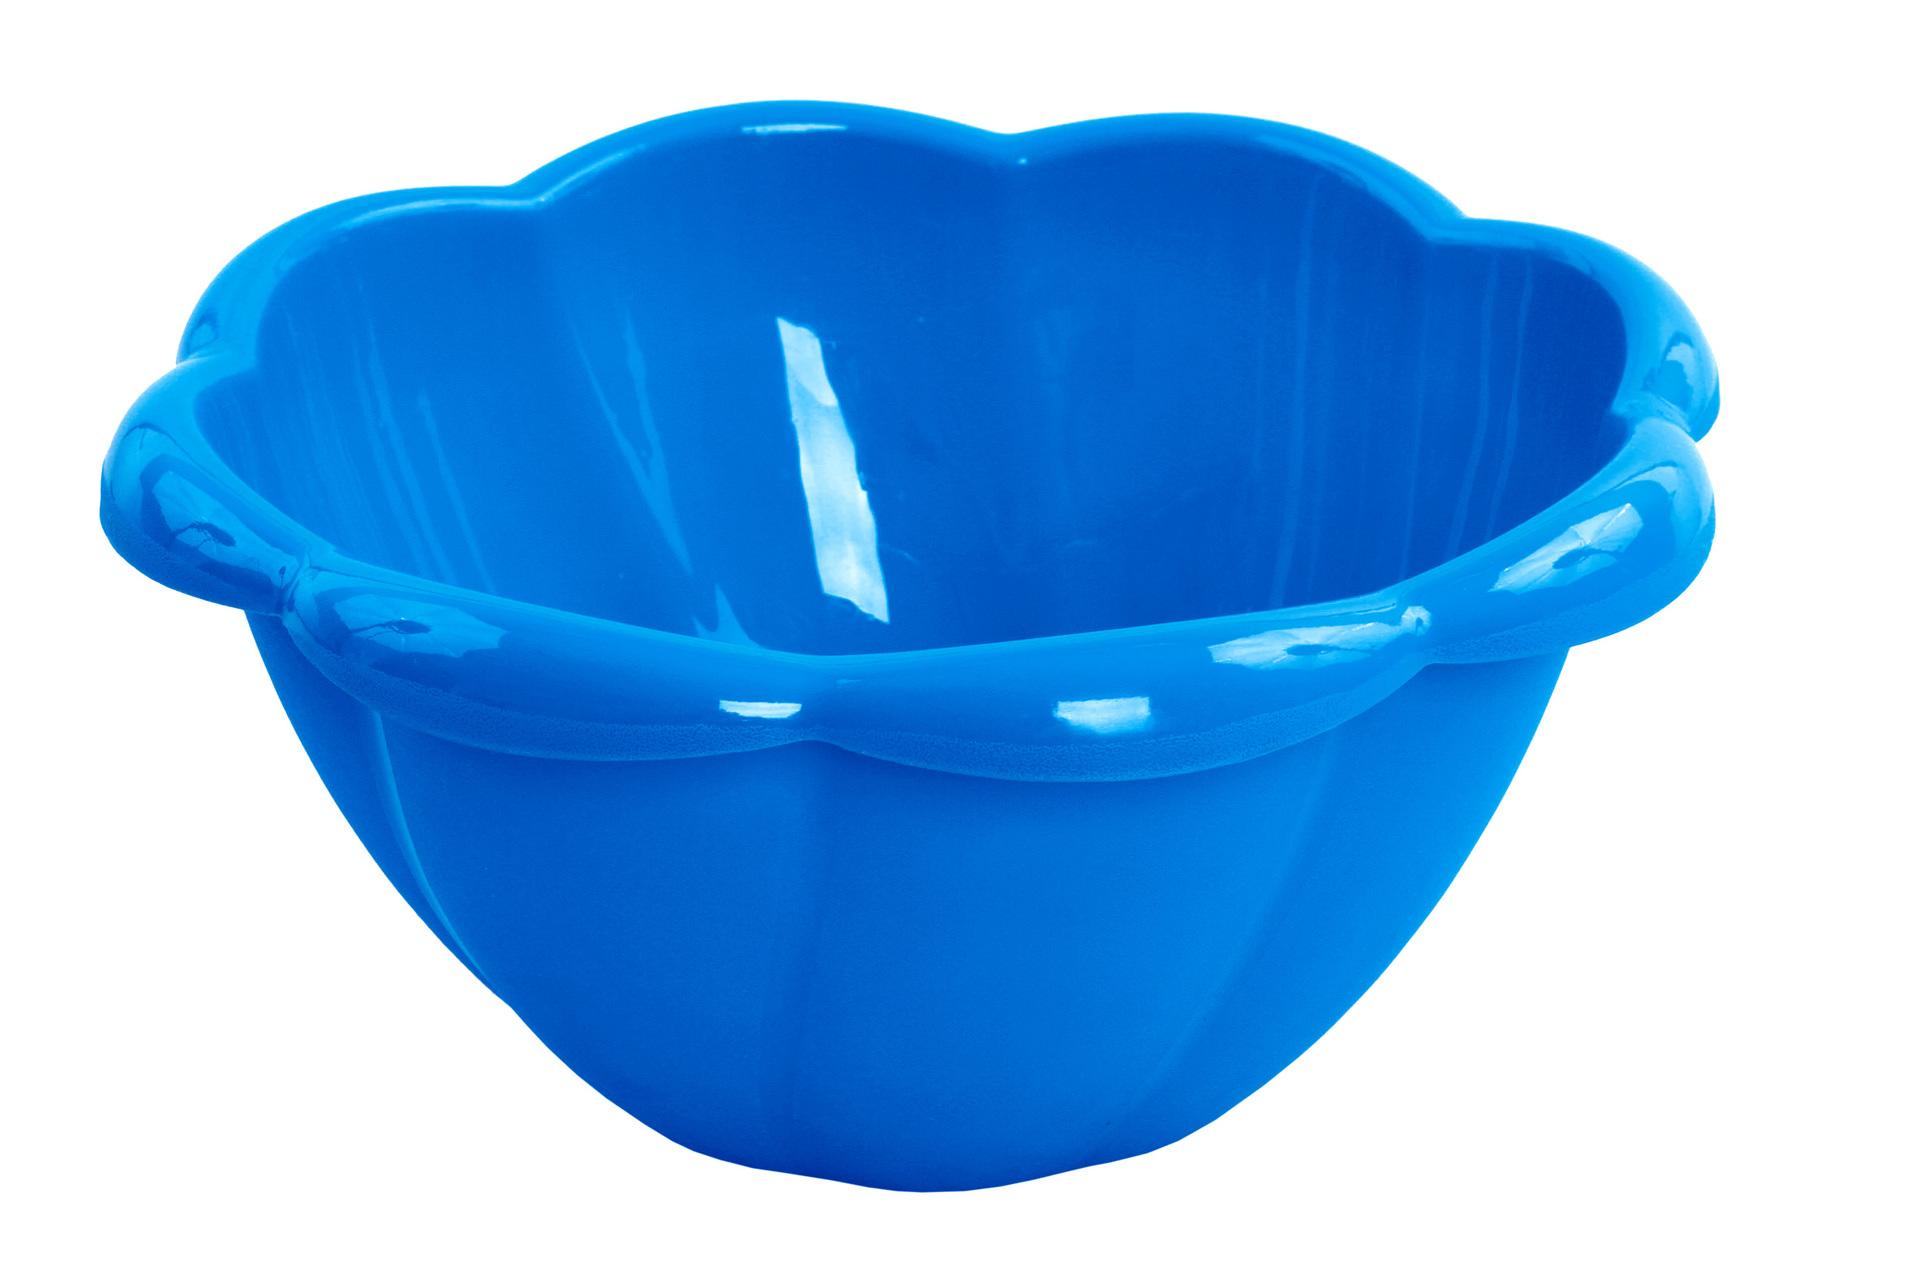 DA94342-XL KYTKOMÍSA 3500 ml z odolného plastu modrá